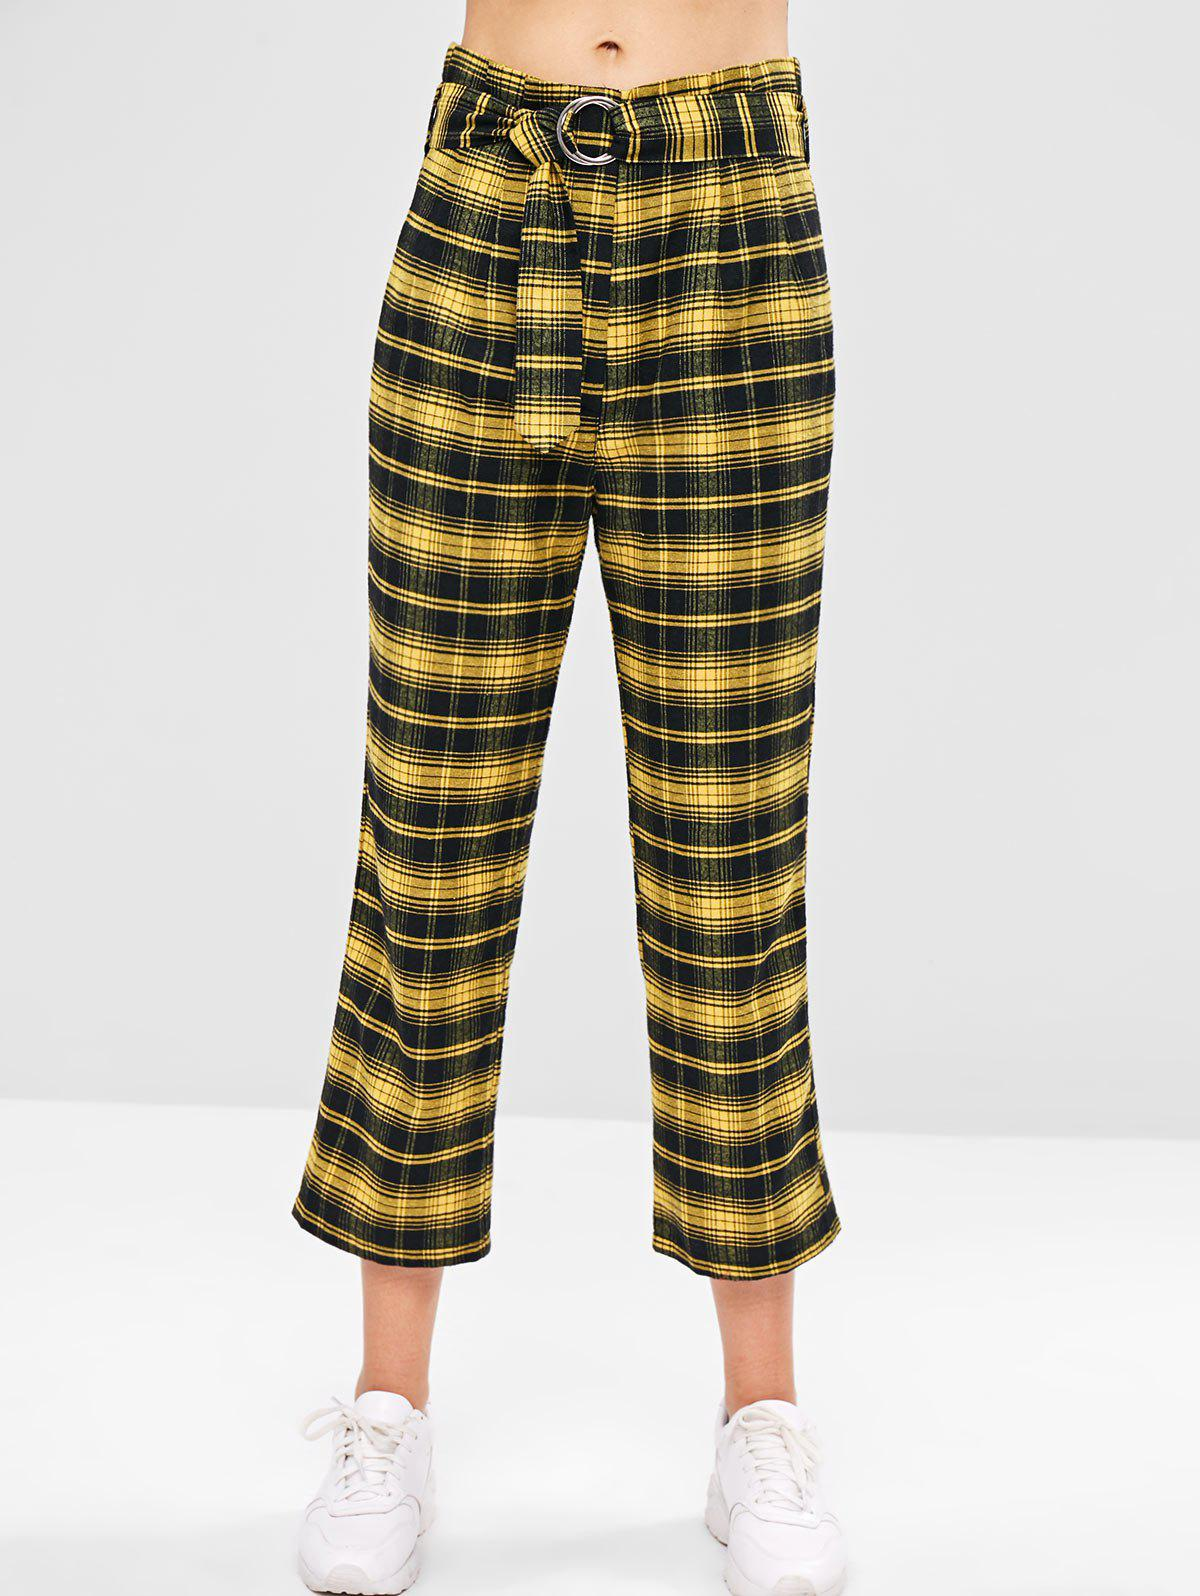 ZAFUL Belted Plaid Straight Pants, Sun yellow